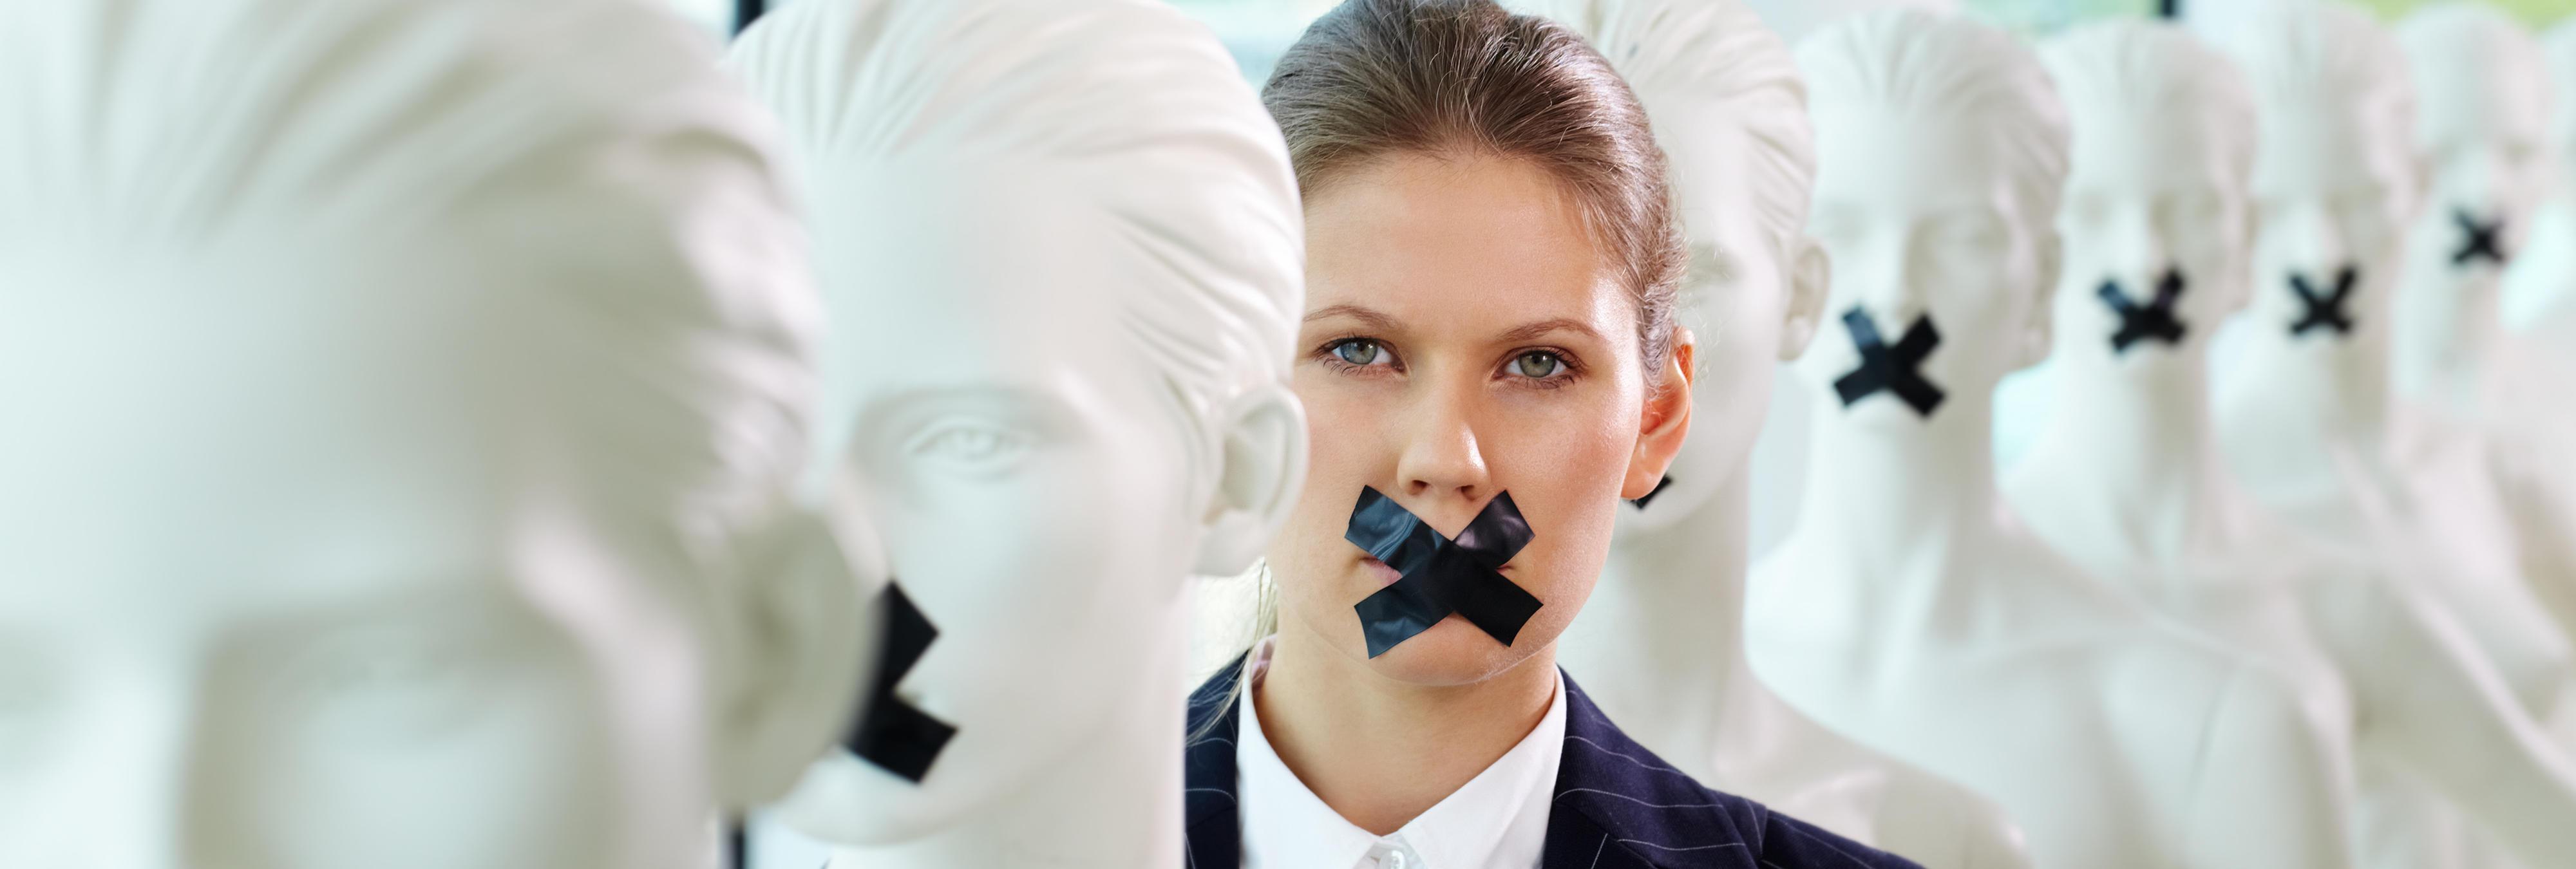 España suspende en la lucha contra la violencia machista y en políticas de igualdad, según un informe para la ONU